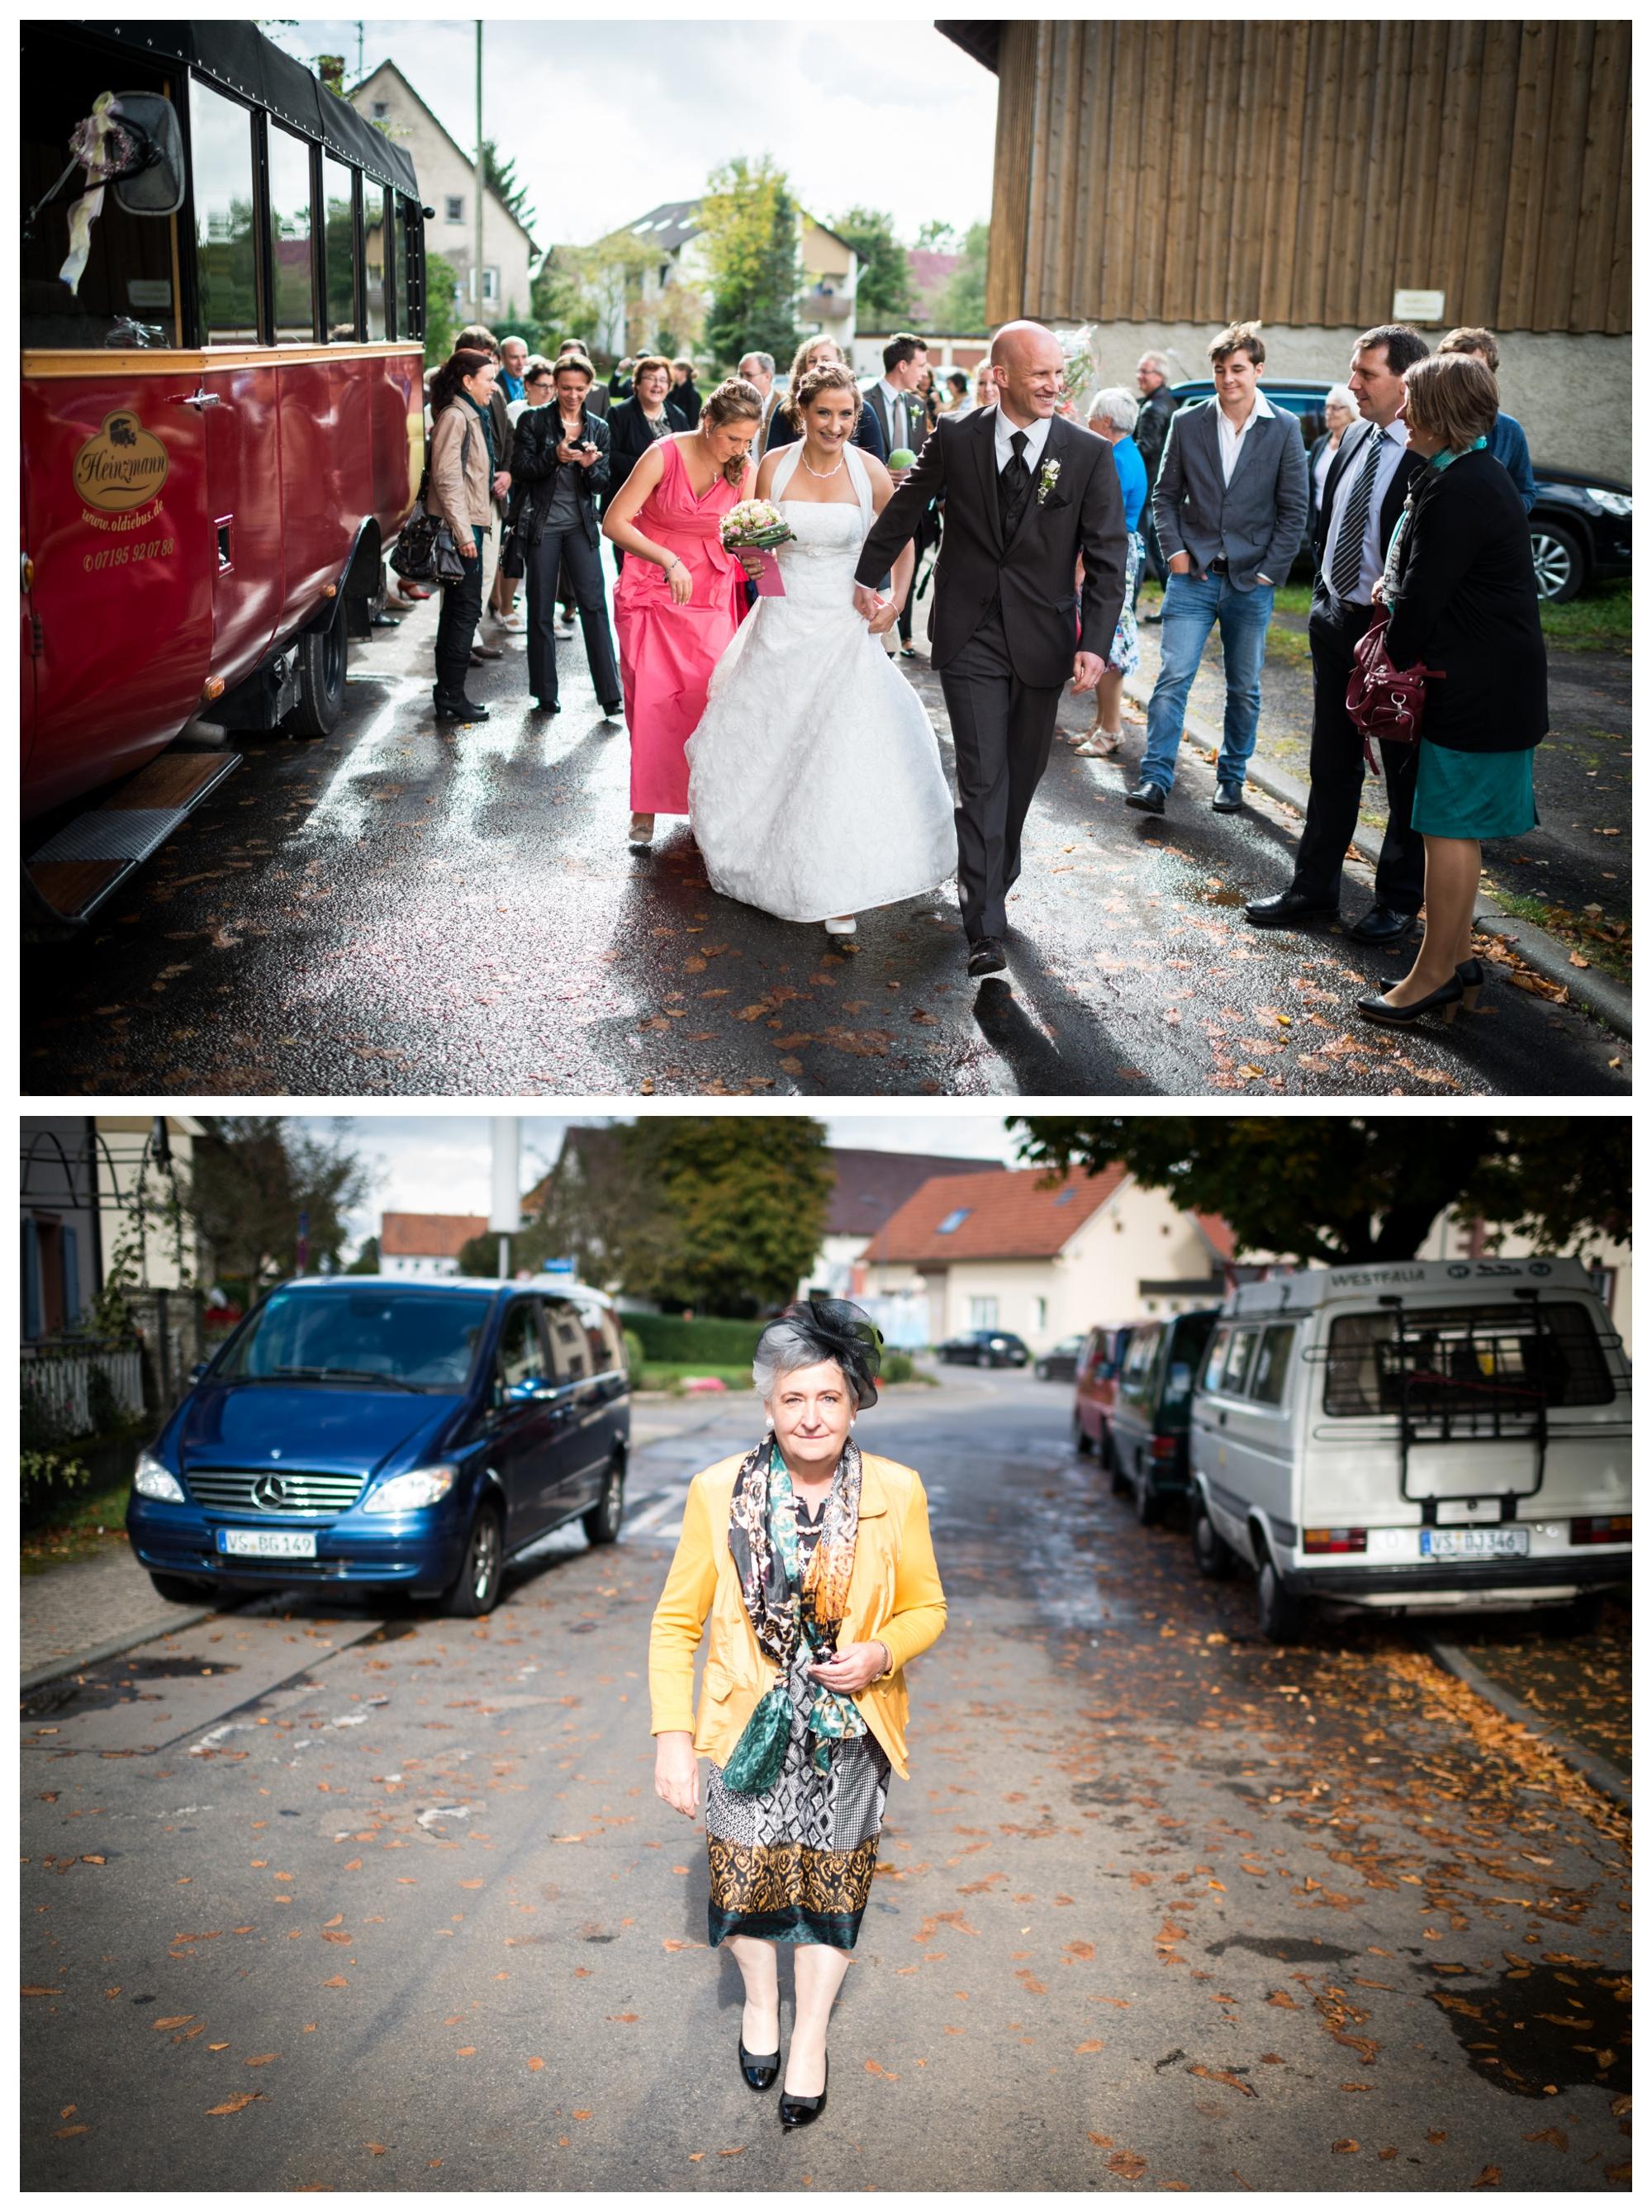 Fotograf Konstanz - 2013 12 09 0019 - Als Hochzeitsfotograf in Bad Dürrheim unterwegs  - 37 -